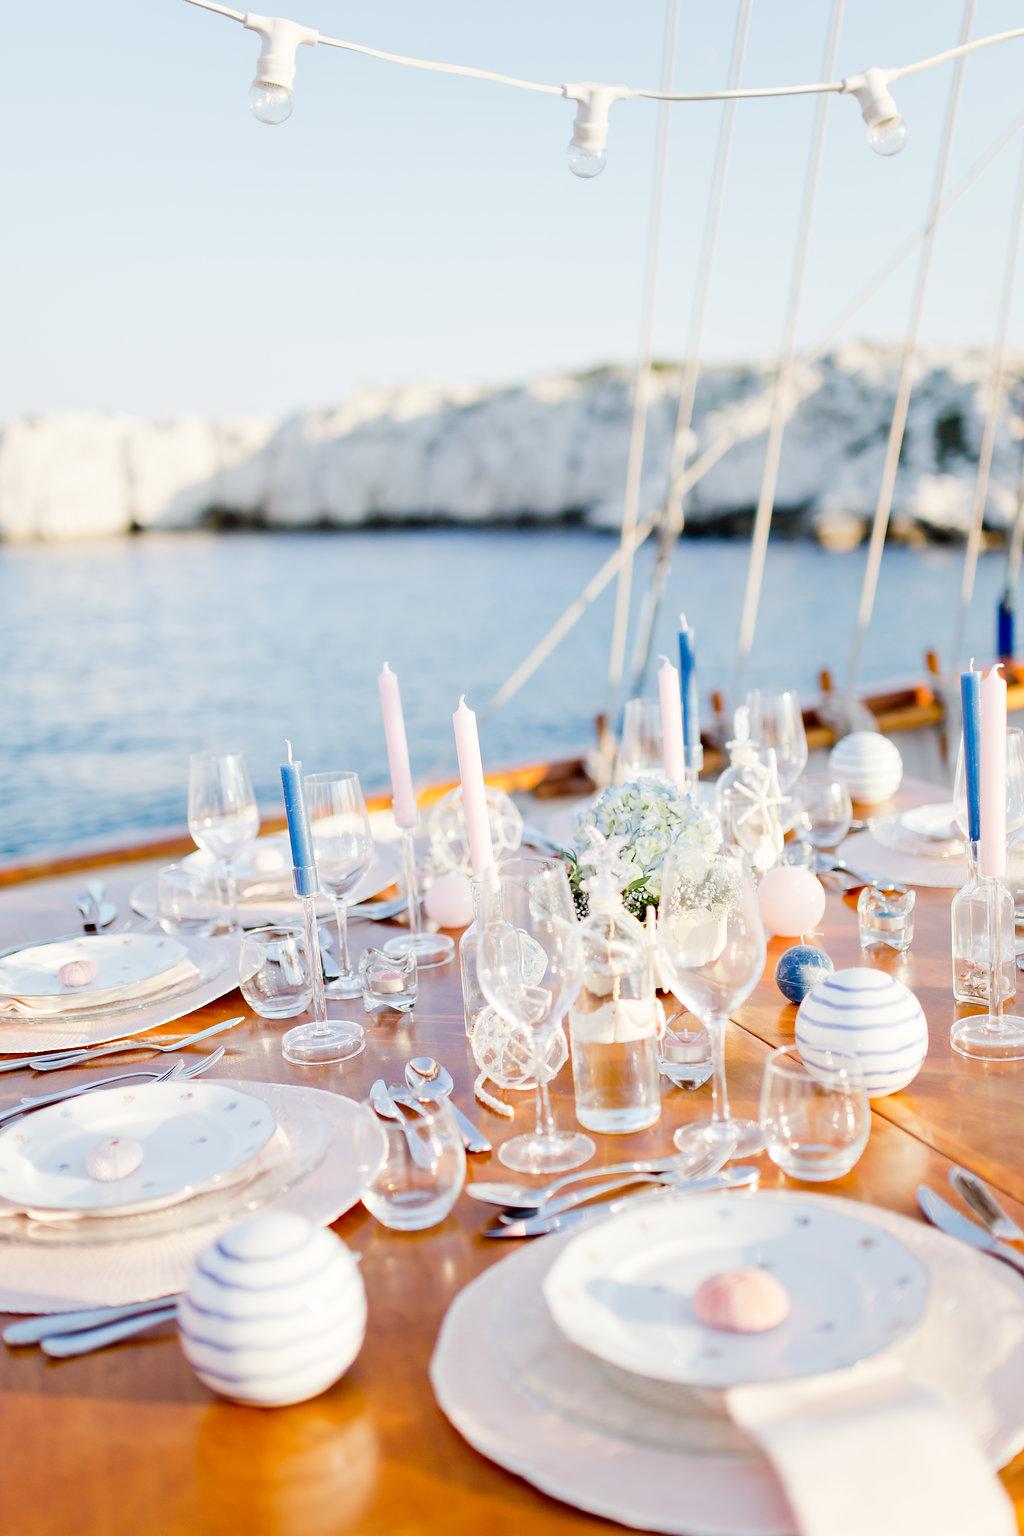 le coeur dans les etoiles - wedding planner - provence - luberon - alpilles - sardaigne - italie - organisation - mariage -audrey carnoy-theme de mariage